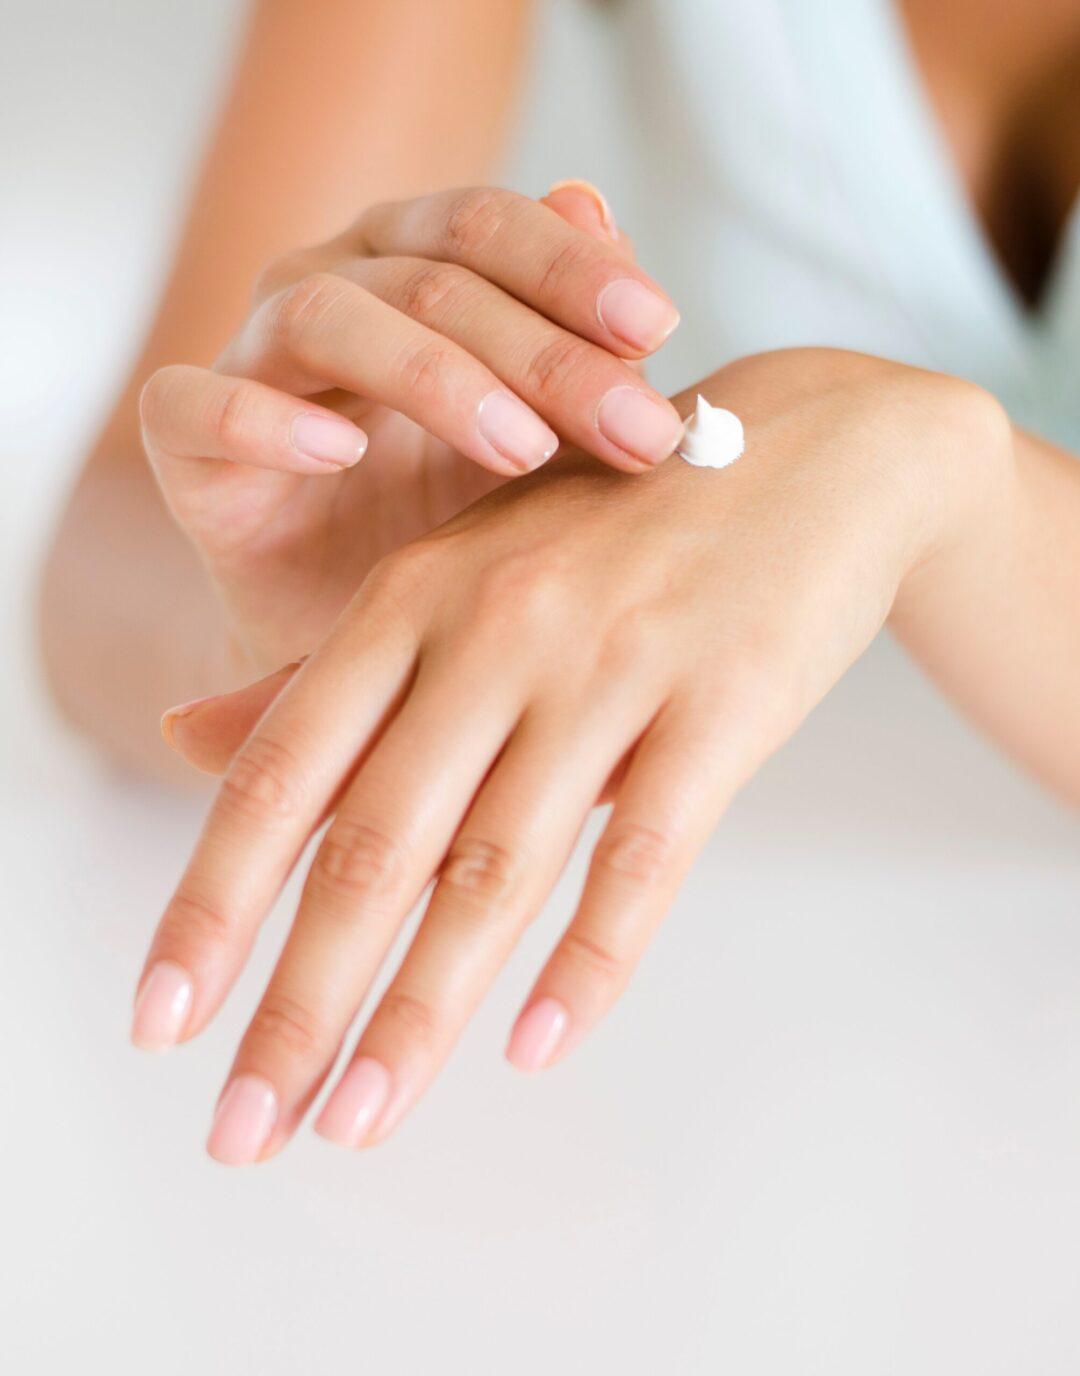 Διατηρώ την επιδερμίδα των χεριών μου υγιή και νεανική!